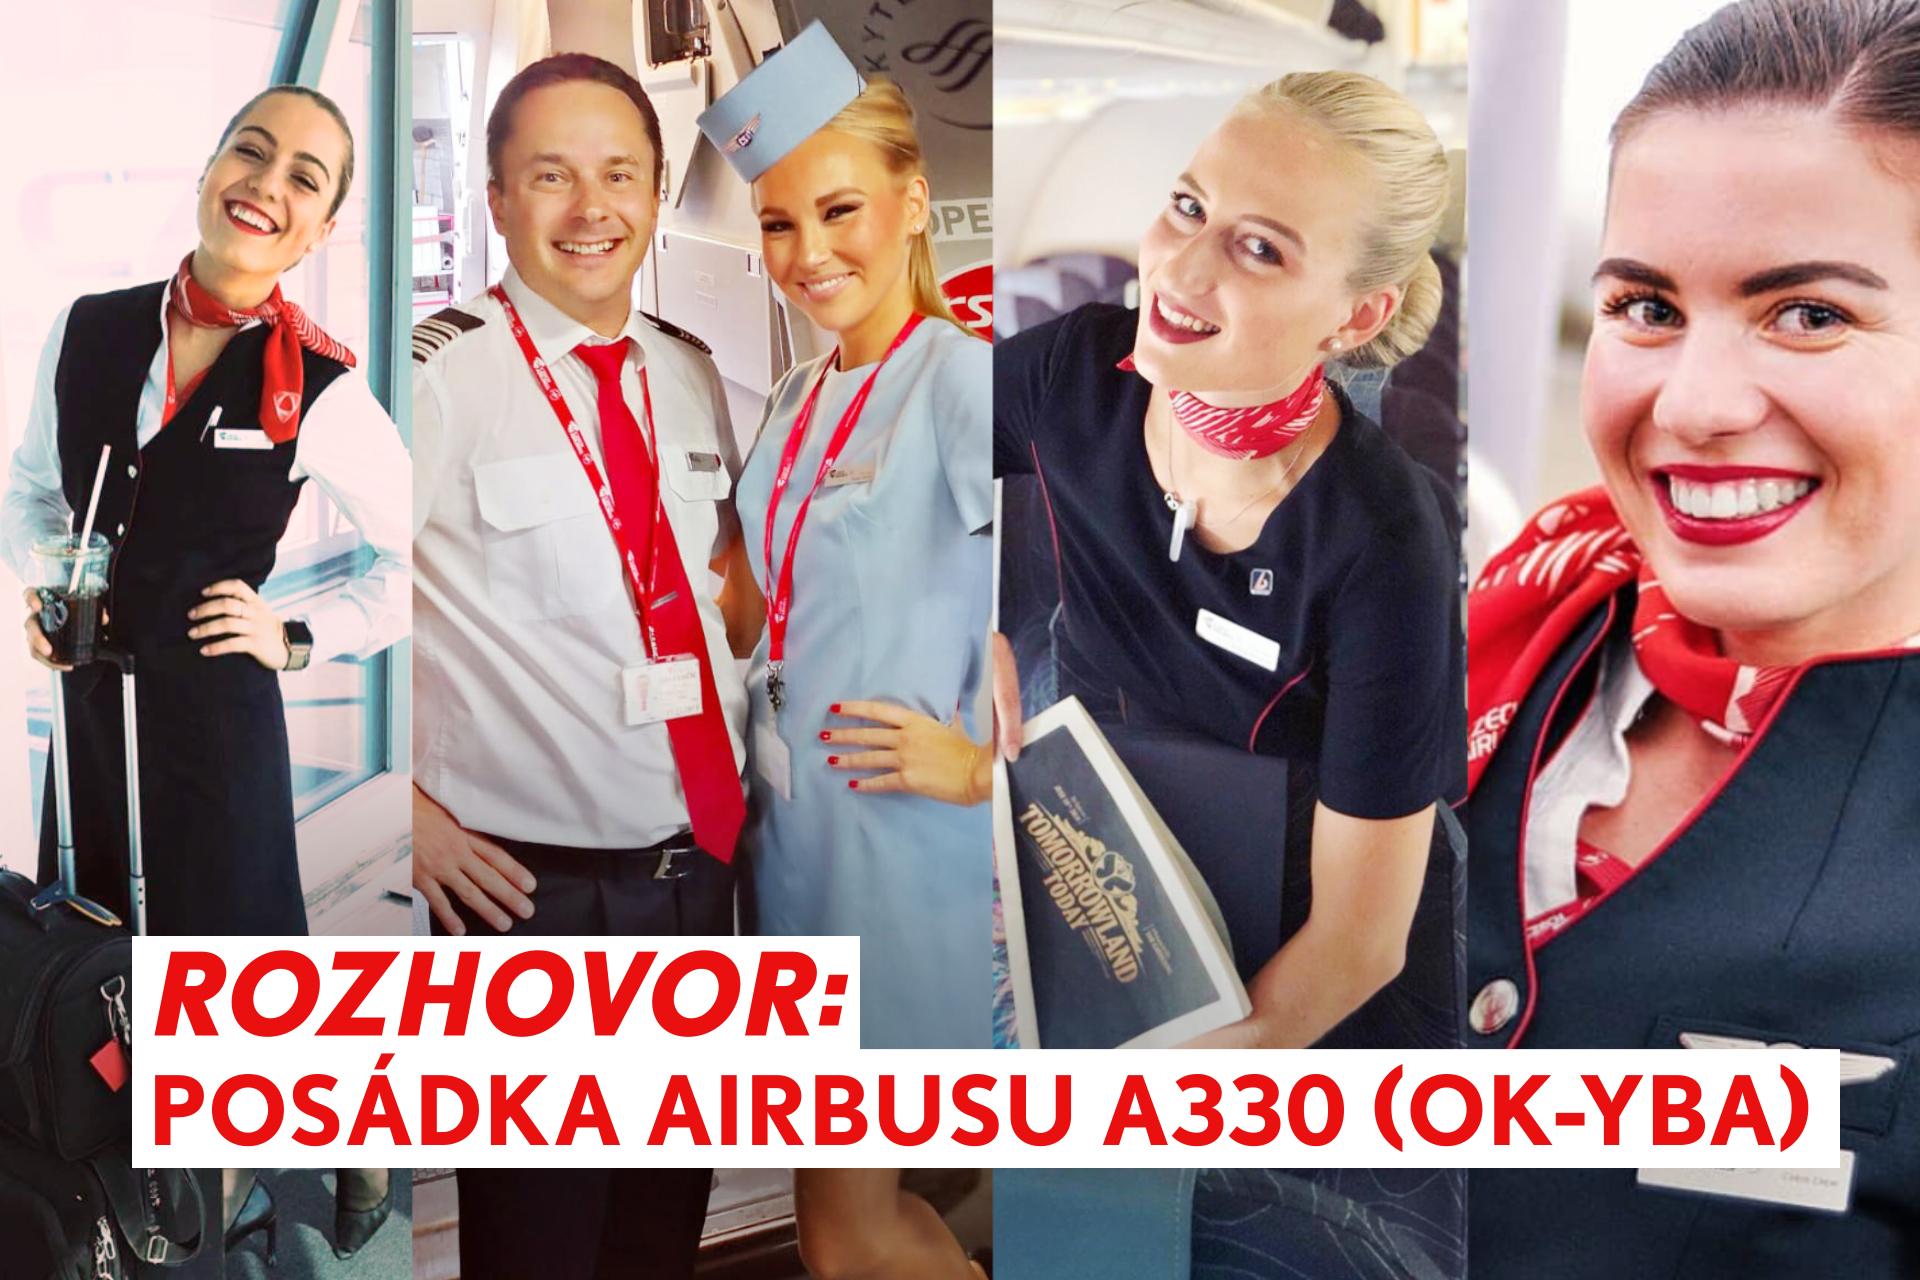 Jak stevardky a stevardi Českých aerolinií vzpomínají na OK-YBA?